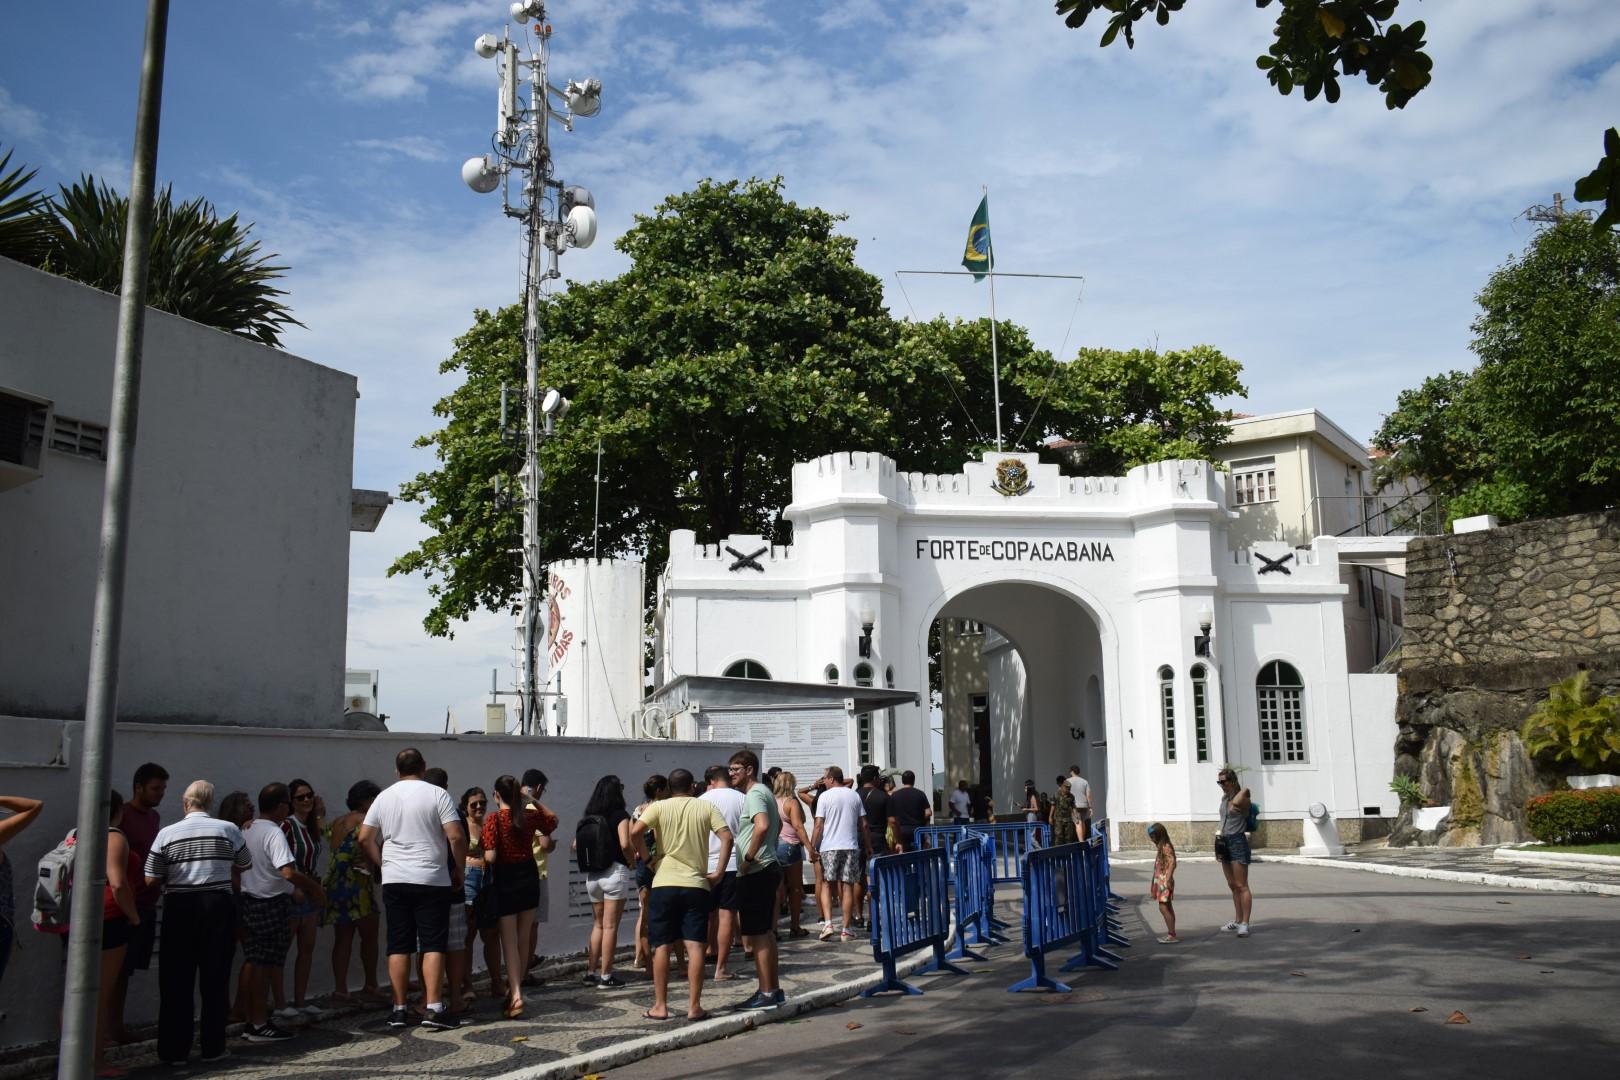 Forte de Copacabana, Praça Coronel Eugênio Franco, 1 Posto 6, Copacabana, Rio de Janeiro